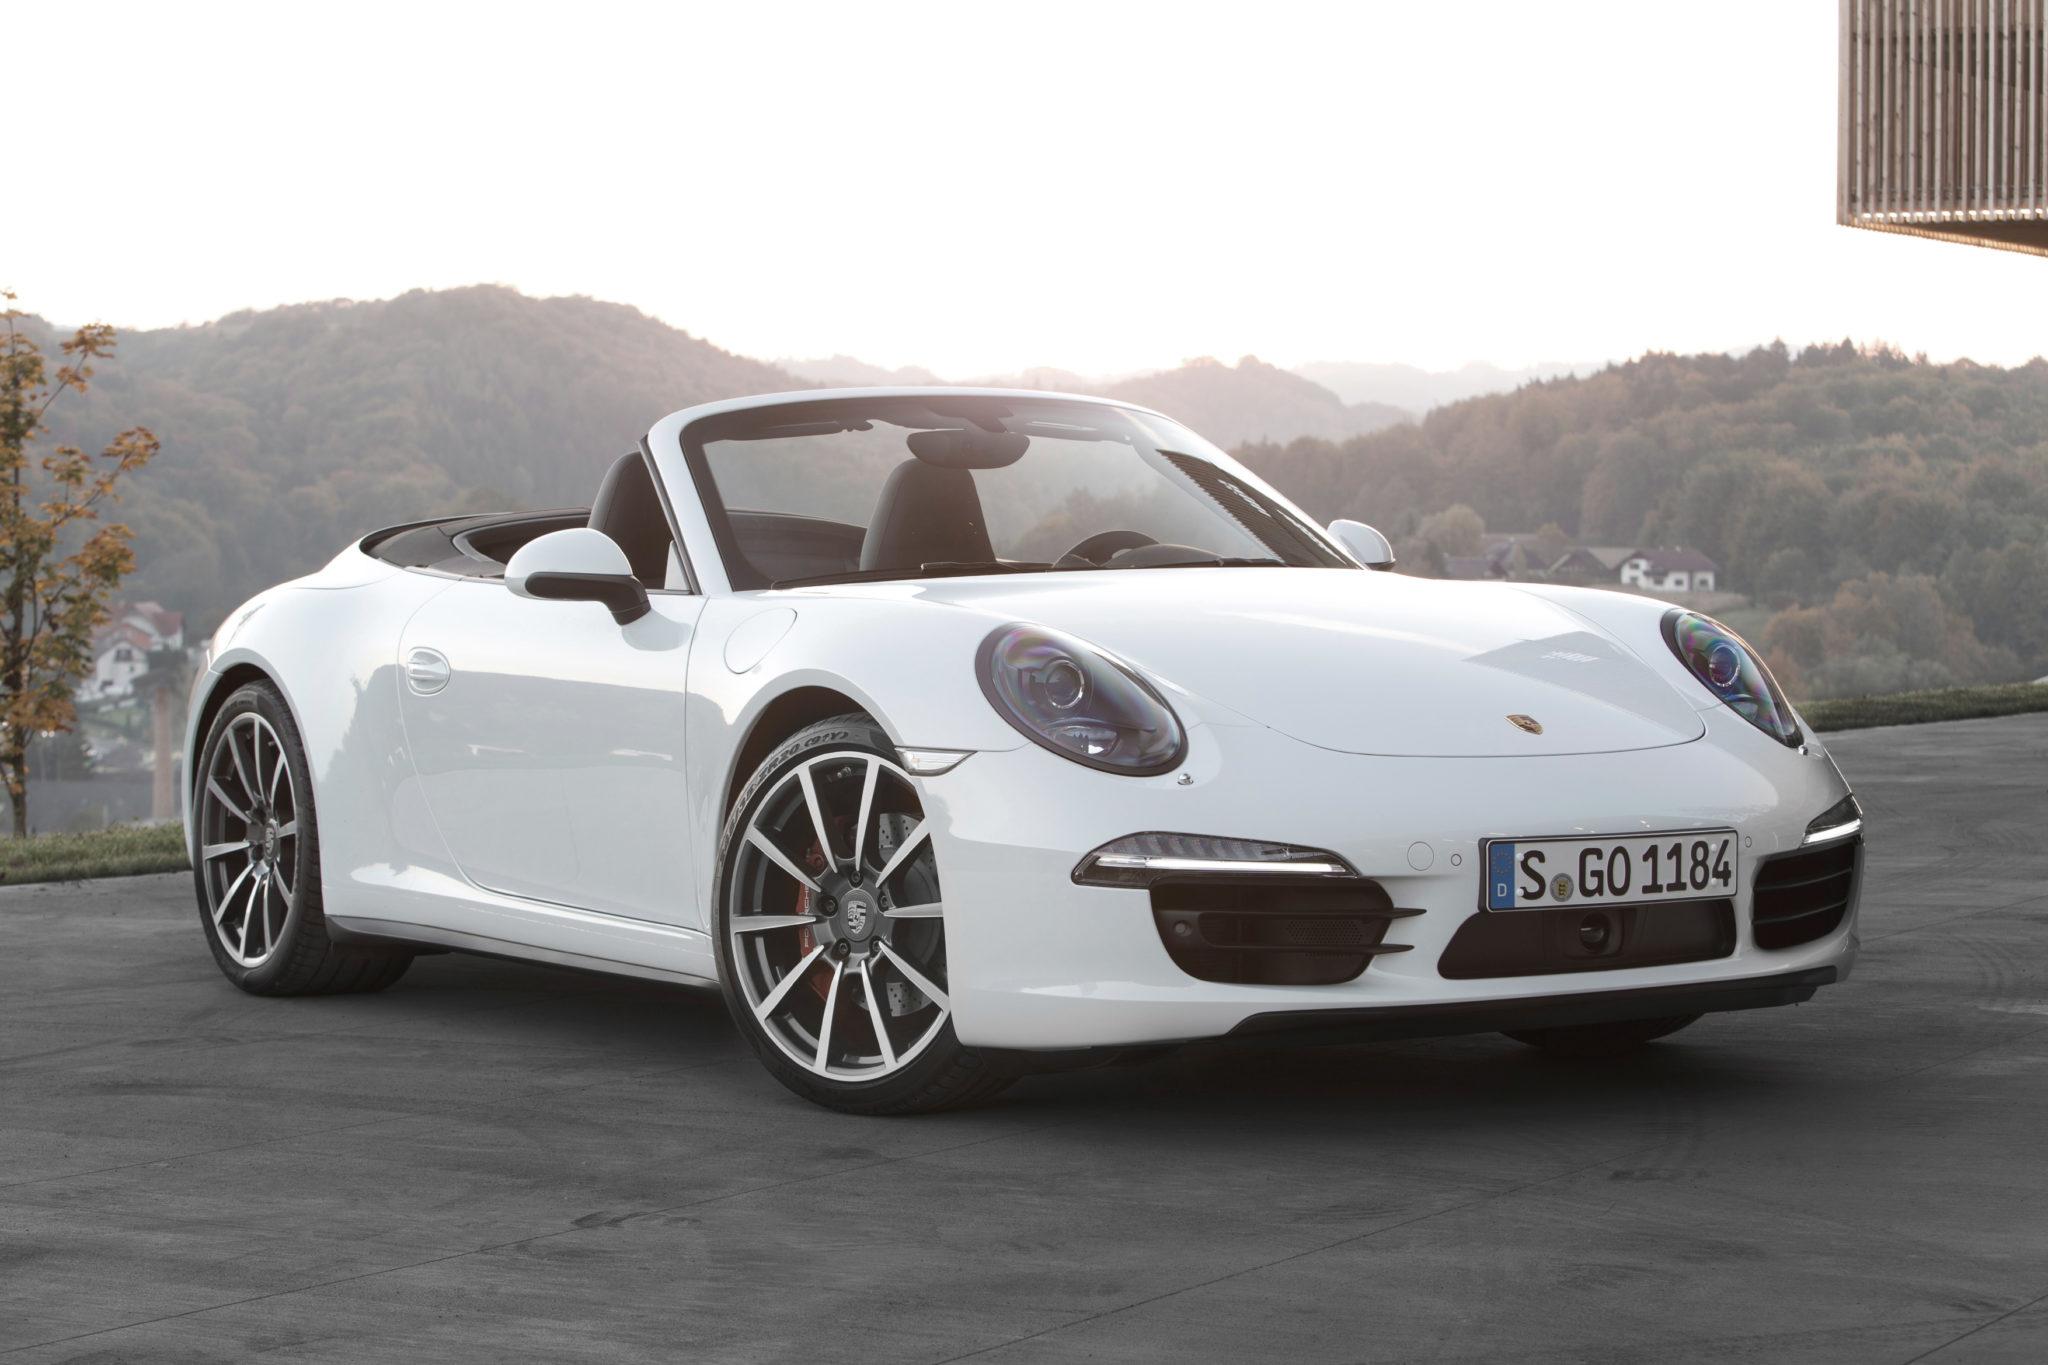 Кабриолет Porsche 911 Carrera Cabriolet описание модификации технические характеристики фото видео